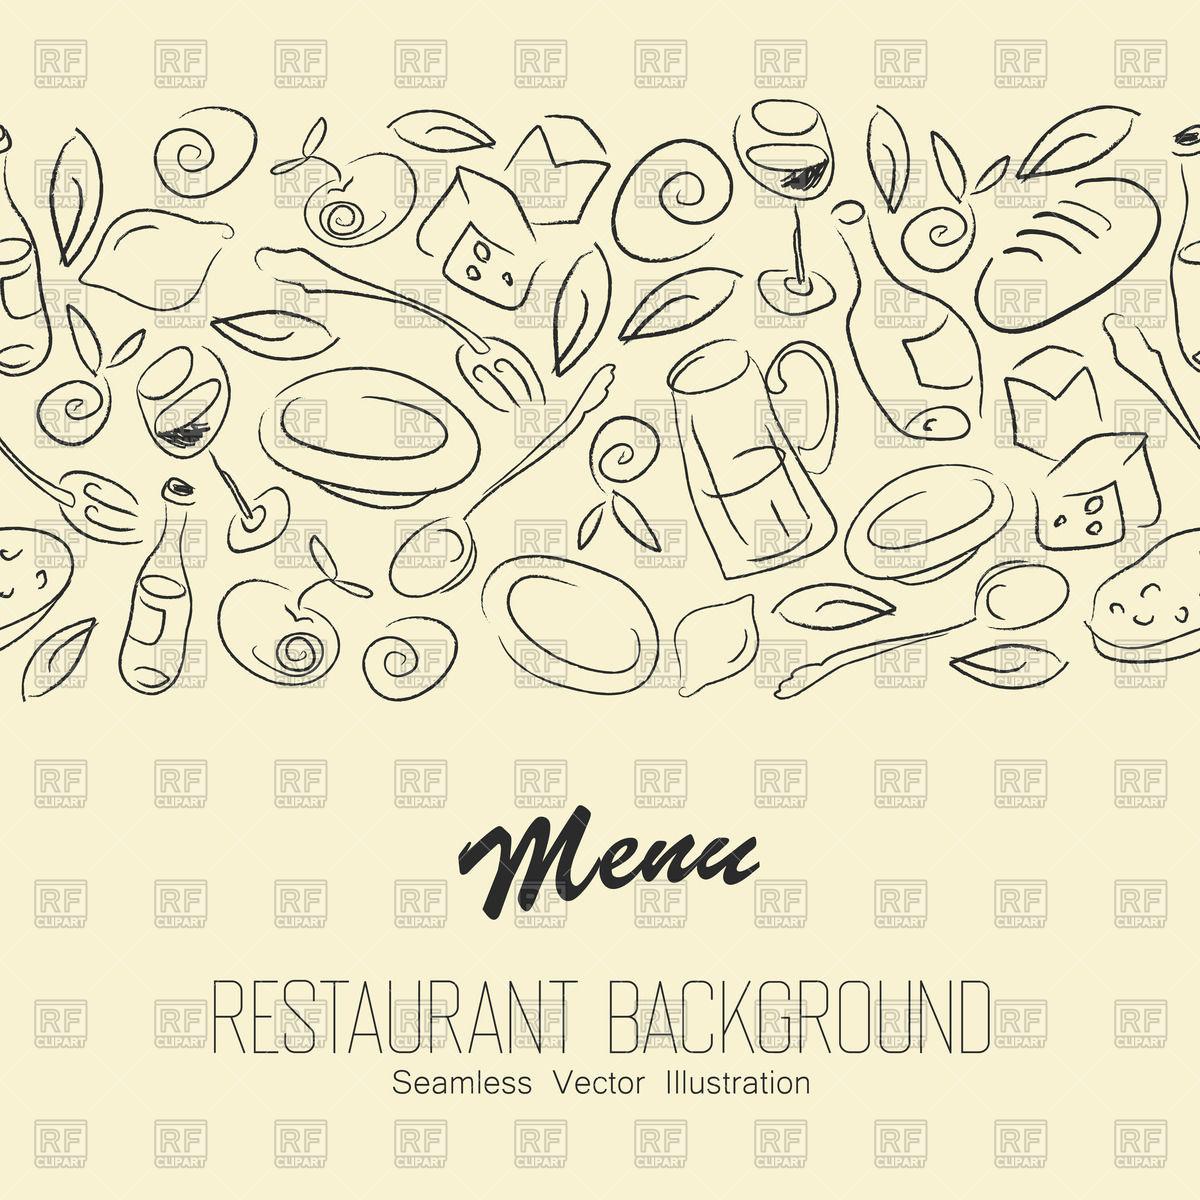 1200x1200 Seamless Restaurant Background